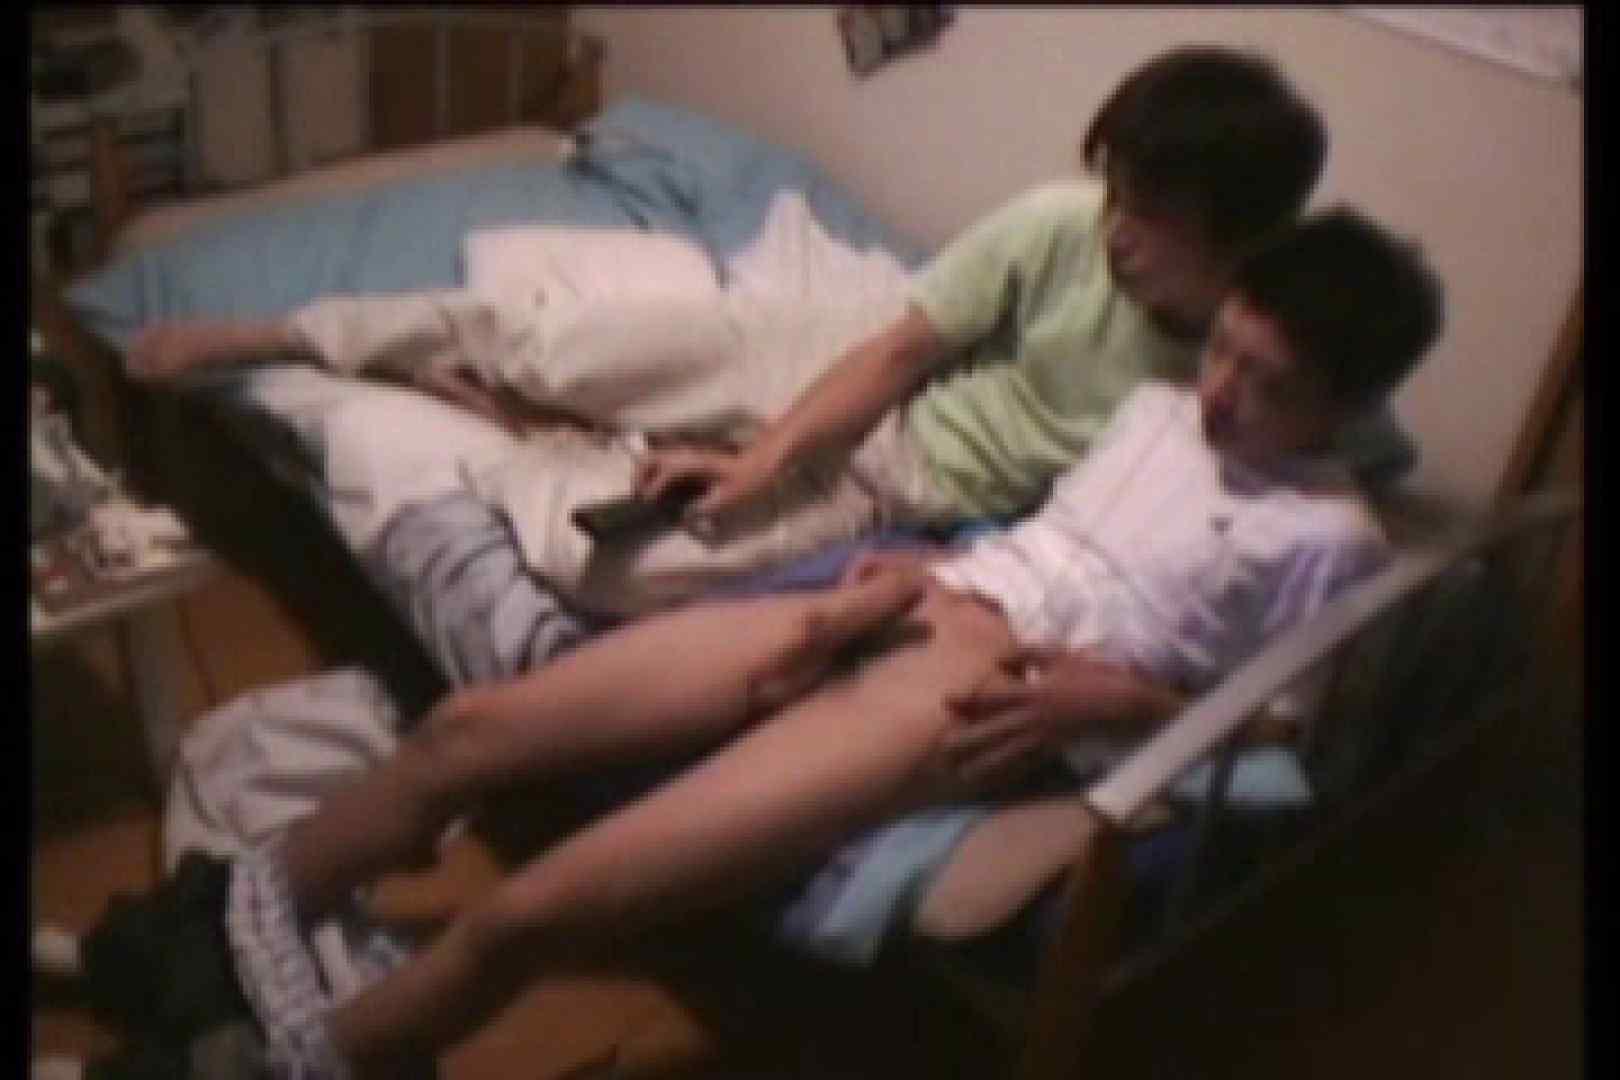 【実録投稿】友達覗撮In my room!! 射精  102pic 74